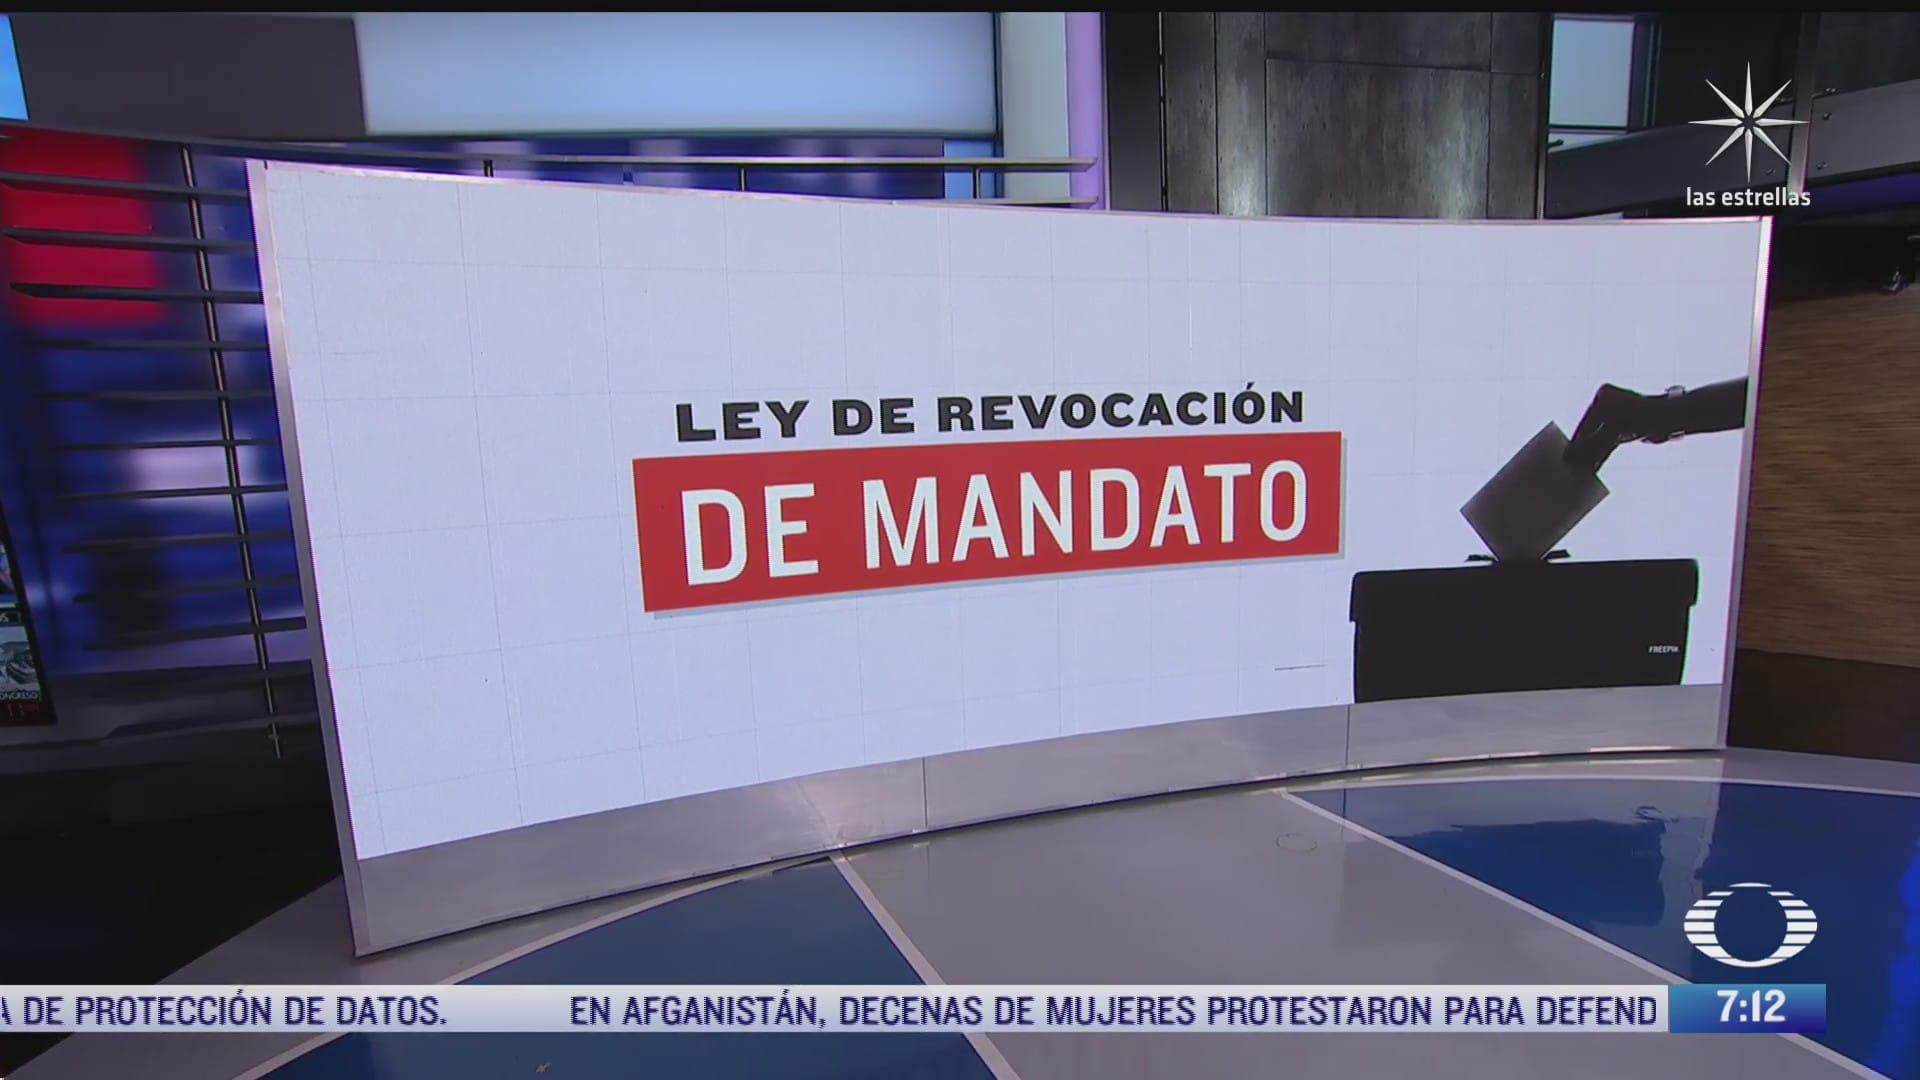 que es la ley de revocacion del mandato